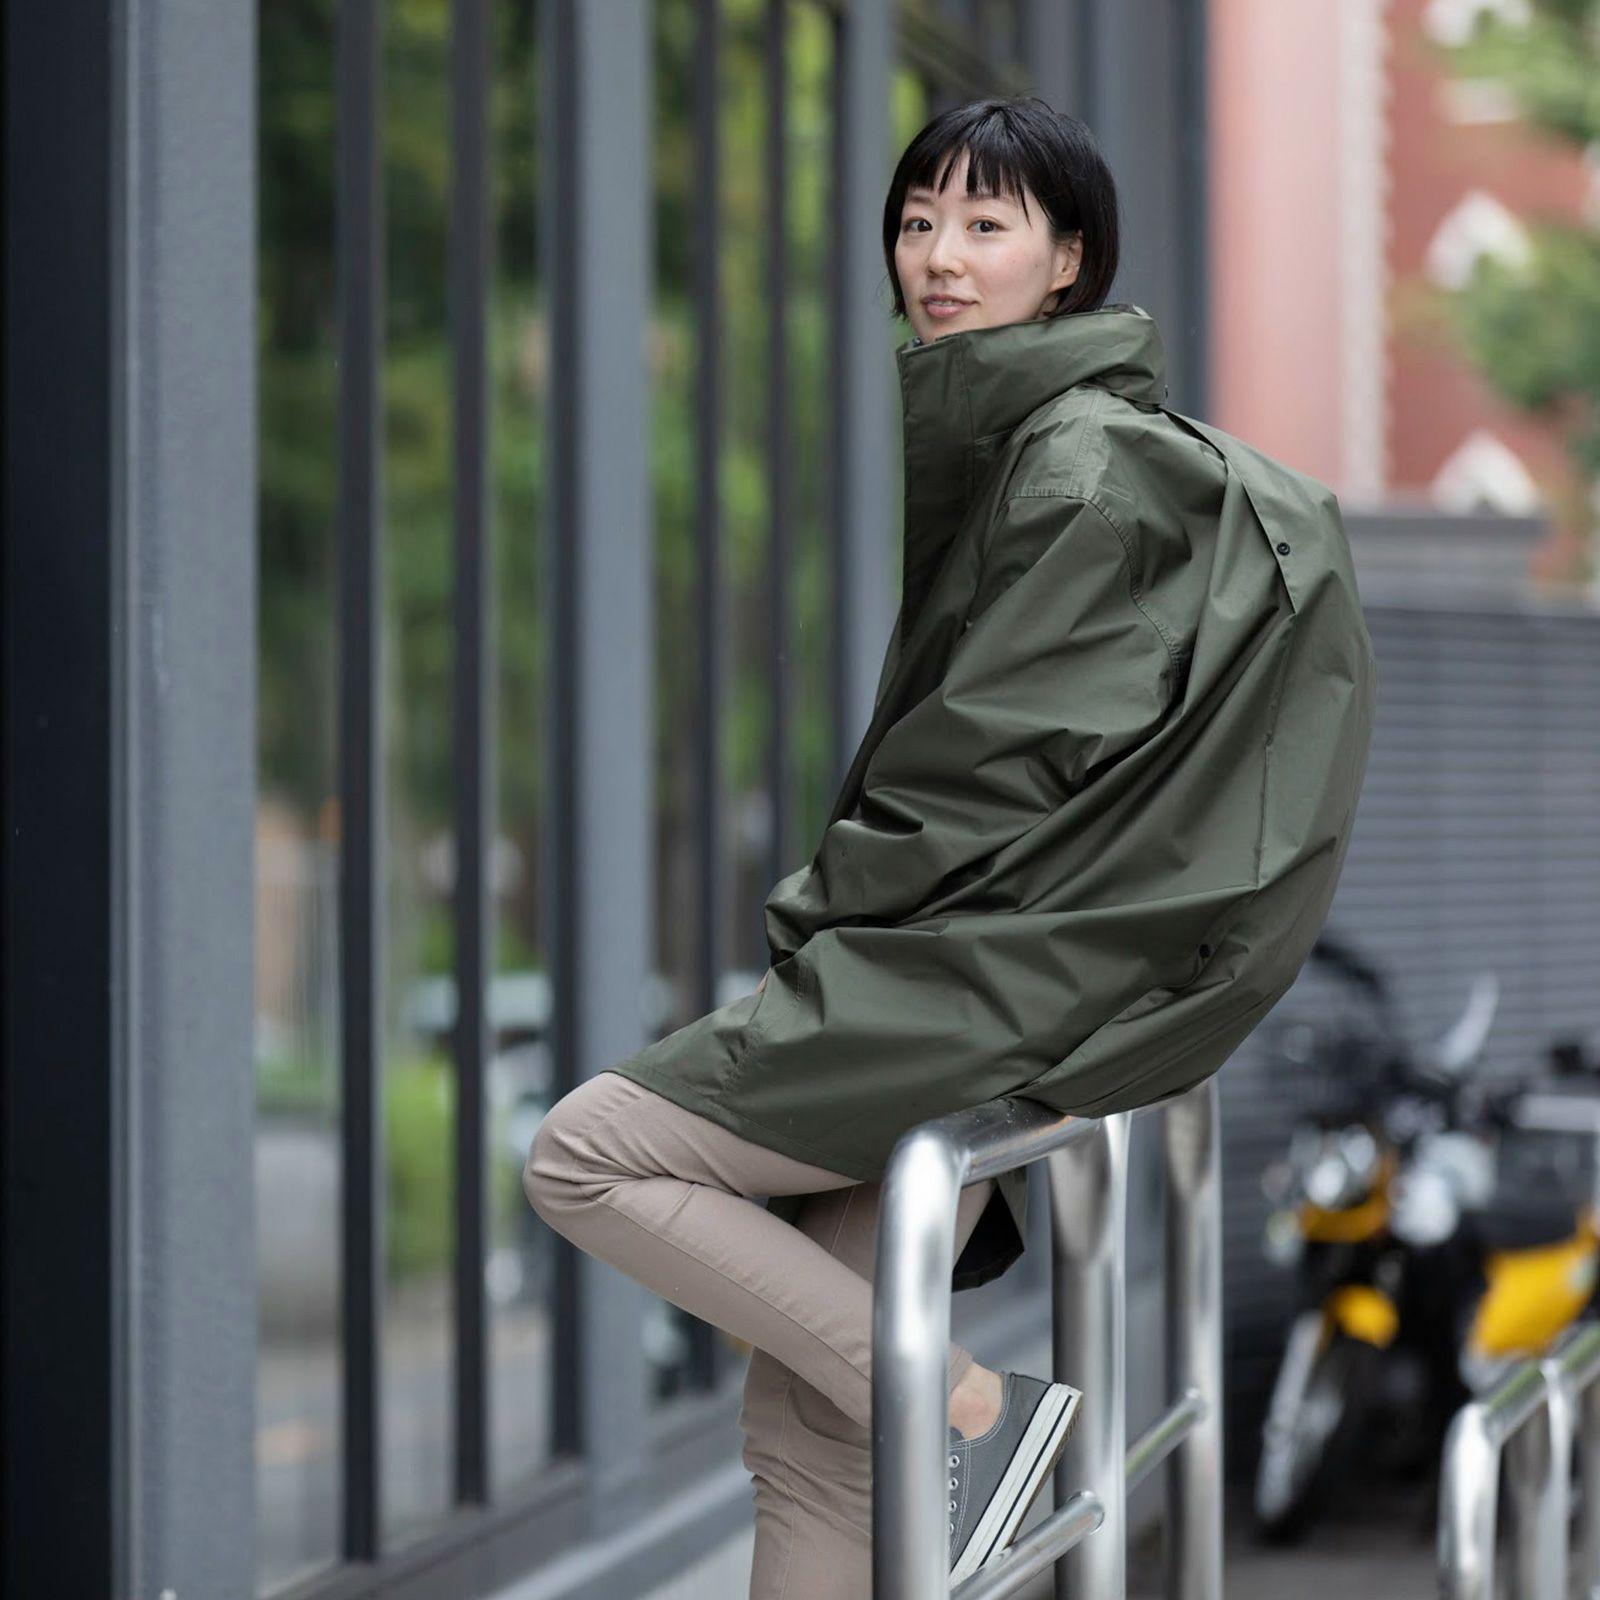 レインシェイカー バッグインコート 女性の着こなし ロングレインコートスタイル02